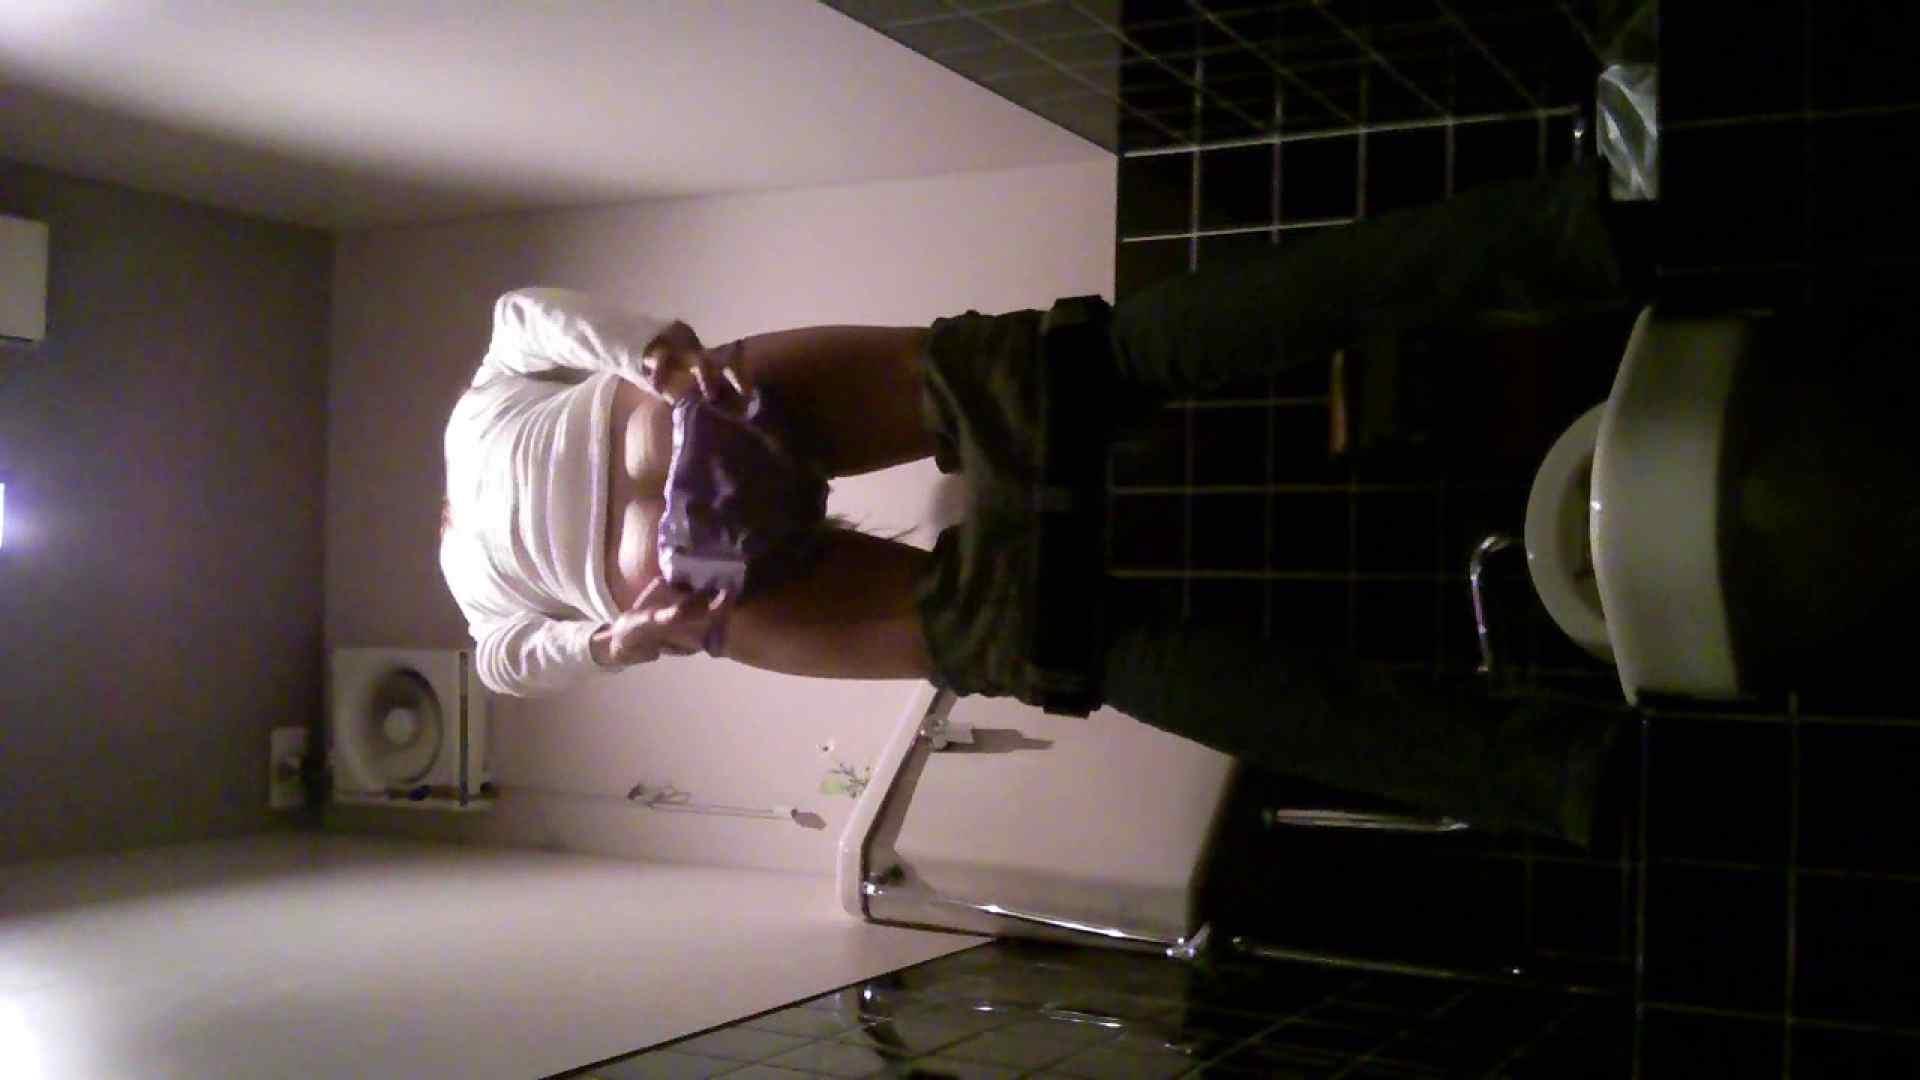 美女の集まる飲み屋洗面所 vol.01 エロティックなOL アダルト動画キャプチャ 74画像 68